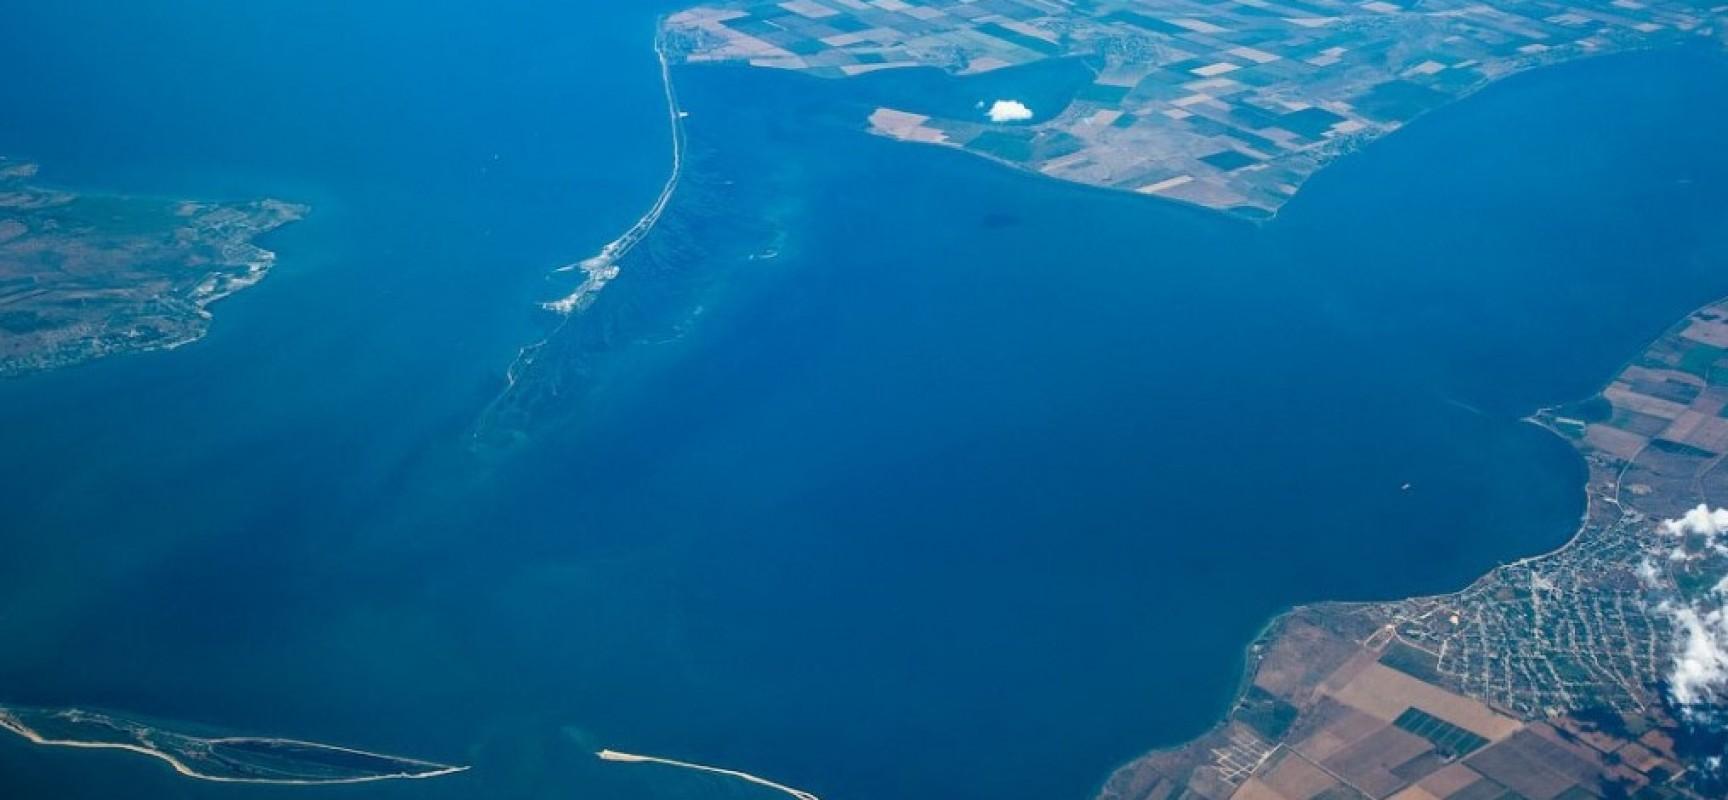 Строительство Керченского моста имеет высокие риски